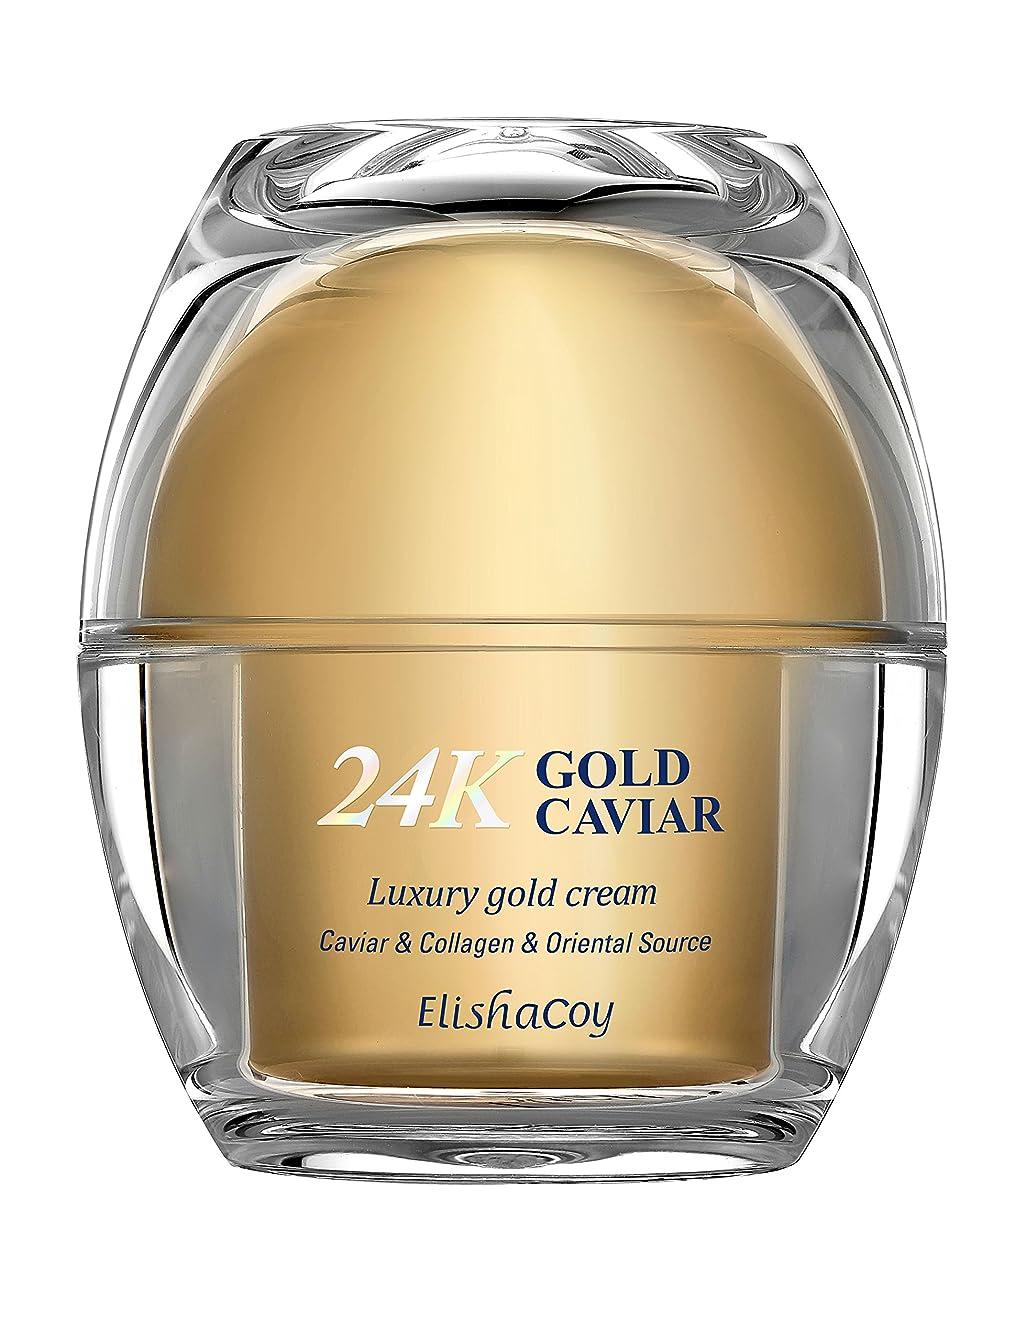 量で時コンプライアンス保湿クリーム エリシャコイ24Kゴールドキャビアクリーム50g